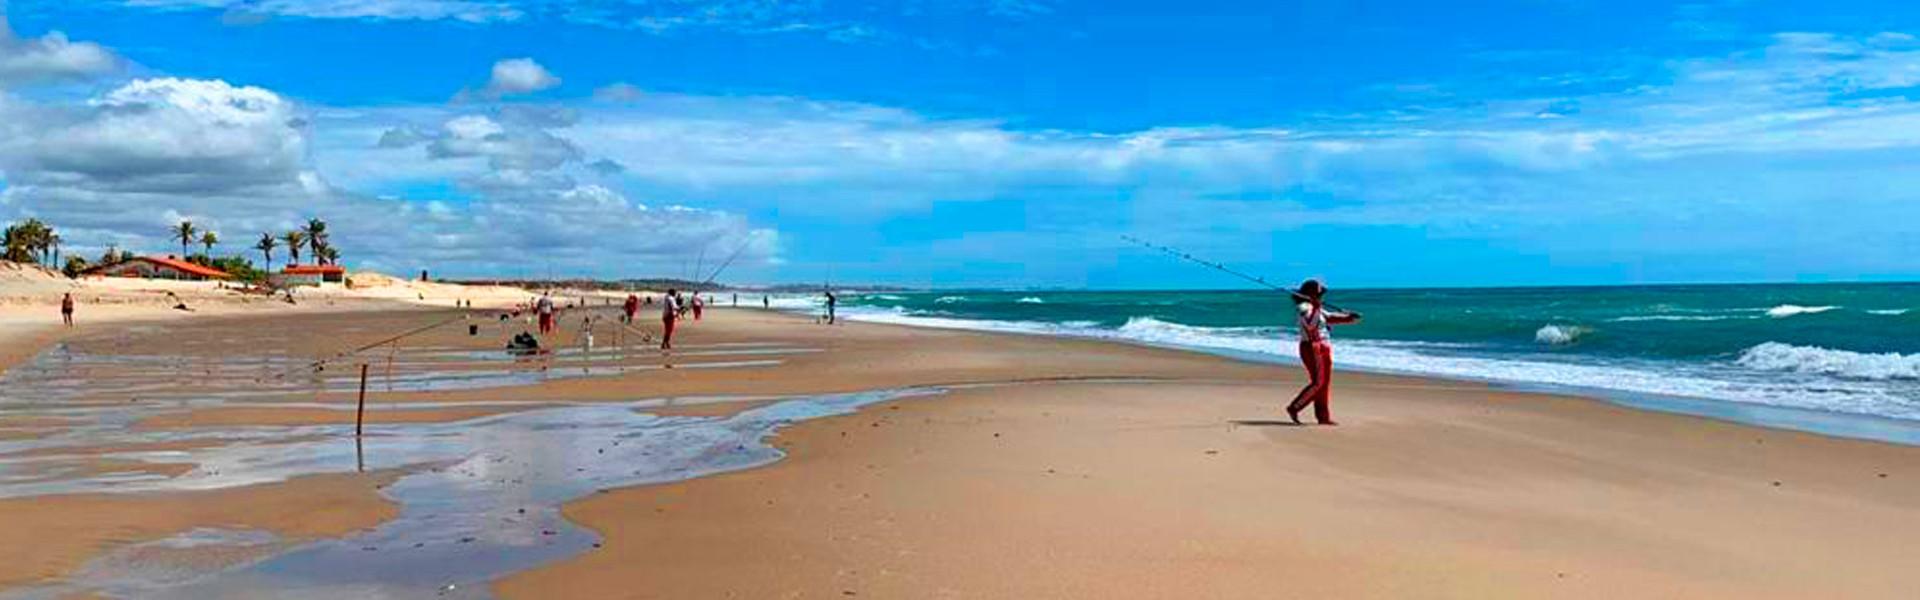 Provas e Torneios irá até o Ceará conferir o Open Brasil de Surfcasting